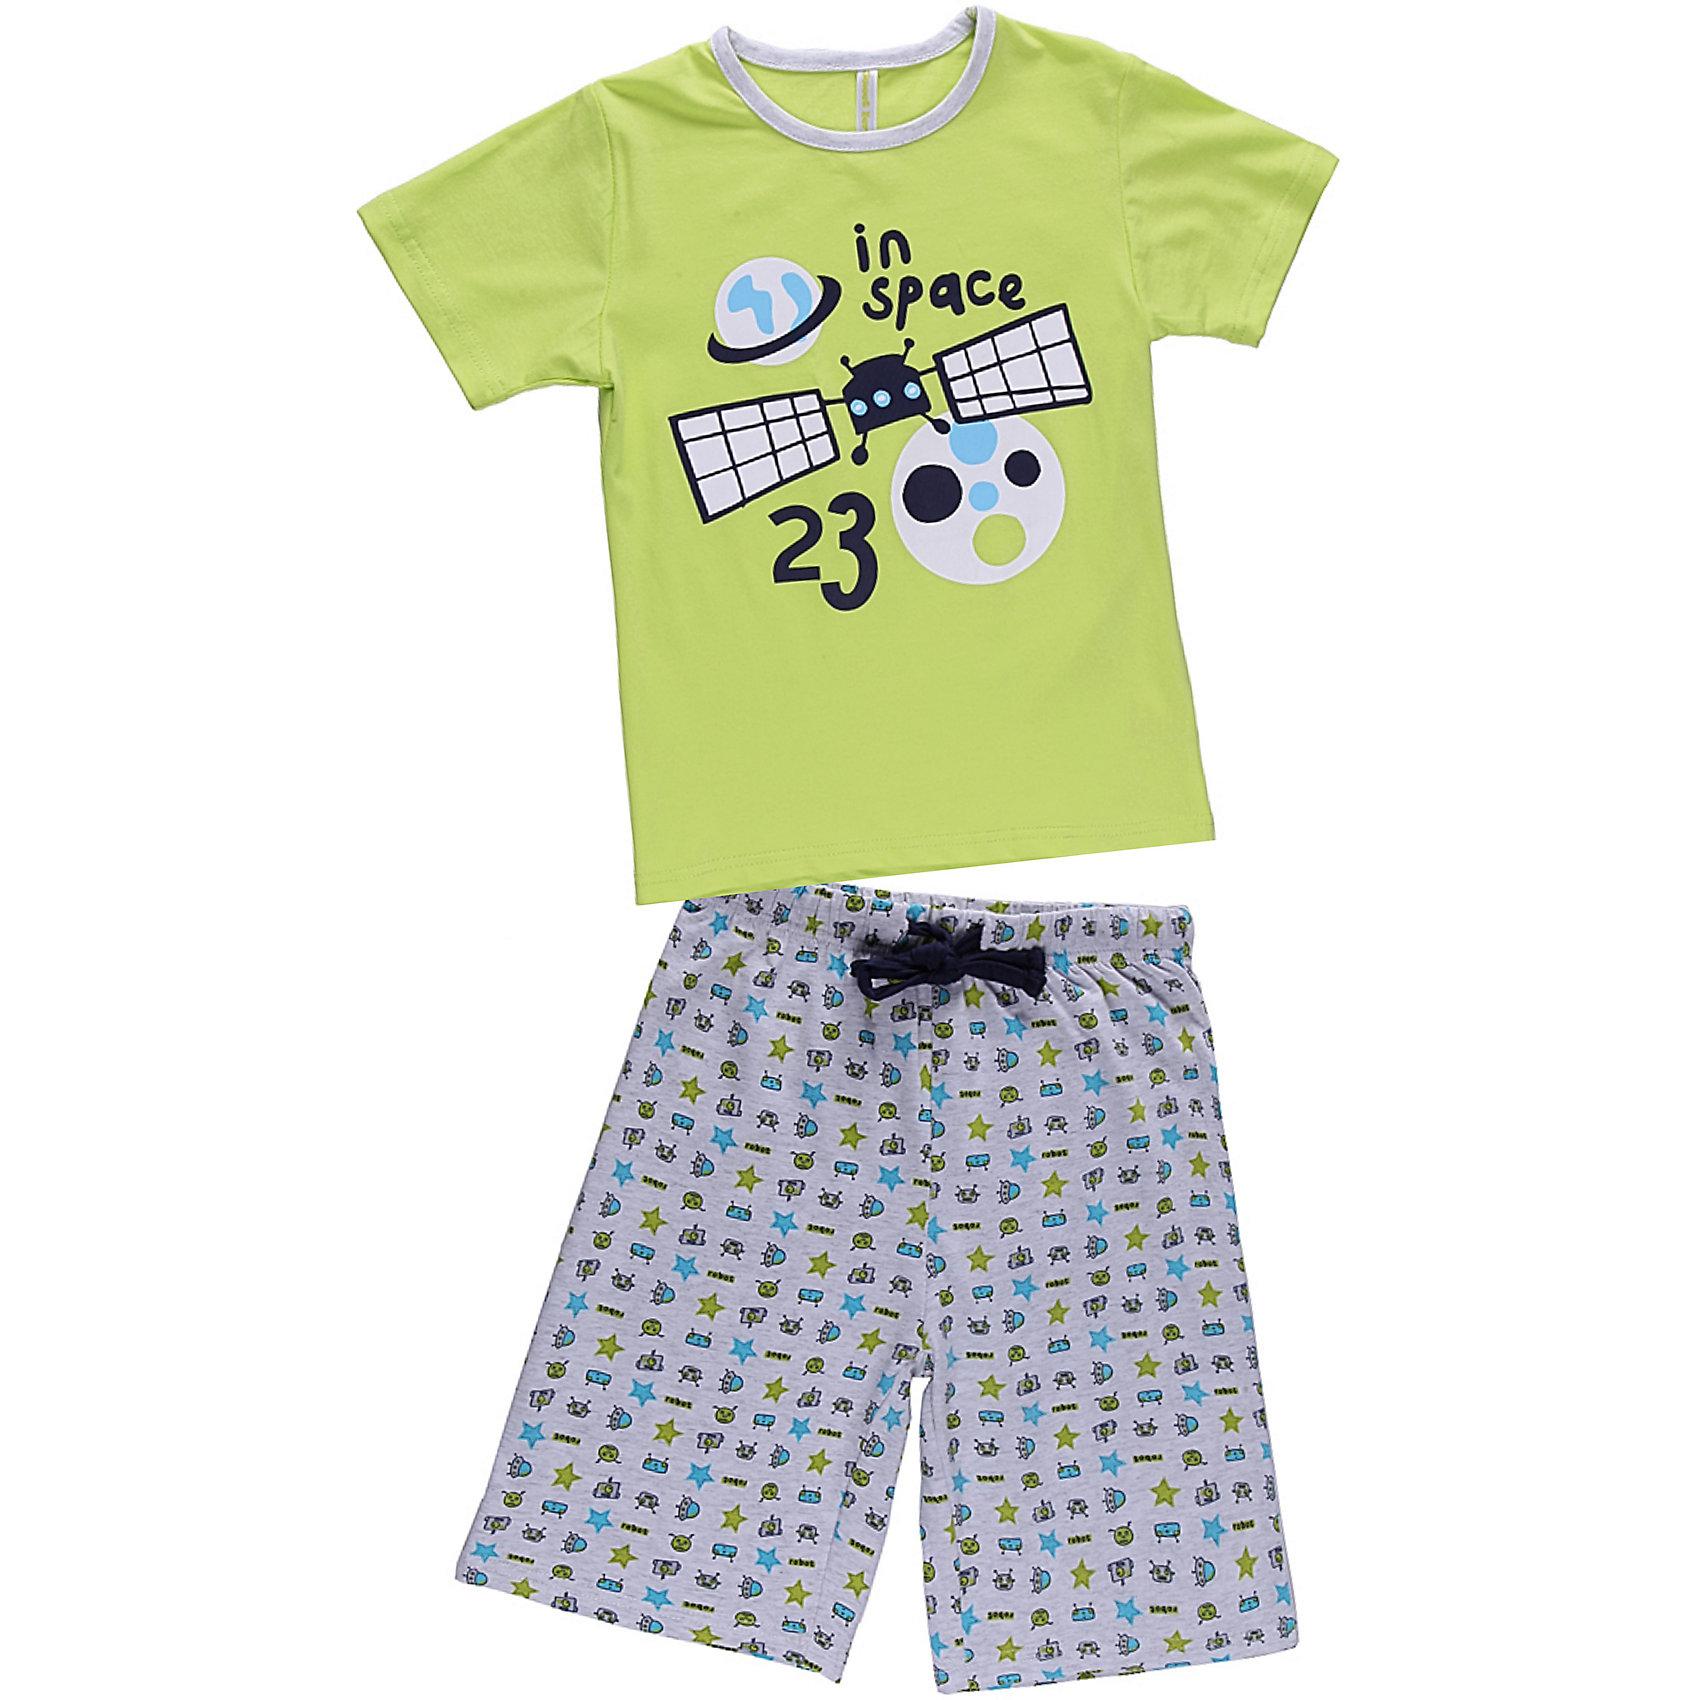 Пижама для мальчика Sweet BerryПижамы и сорочки<br>Комплект футболка и шорты для сна и дома. Шорты на поясе с внутренней резинкой и дополнительным хлопковым шнурком. Футболка украшена веселым принтом. Состав: 95% хлопок 5% эластан<br><br>Ширина мм: 281<br>Глубина мм: 70<br>Высота мм: 188<br>Вес г: 295<br>Цвет: зеленый<br>Возраст от месяцев: 24<br>Возраст до месяцев: 36<br>Пол: Мужской<br>Возраст: Детский<br>Размер: 98,104,140,122,116,110,128,134<br>SKU: 4632993